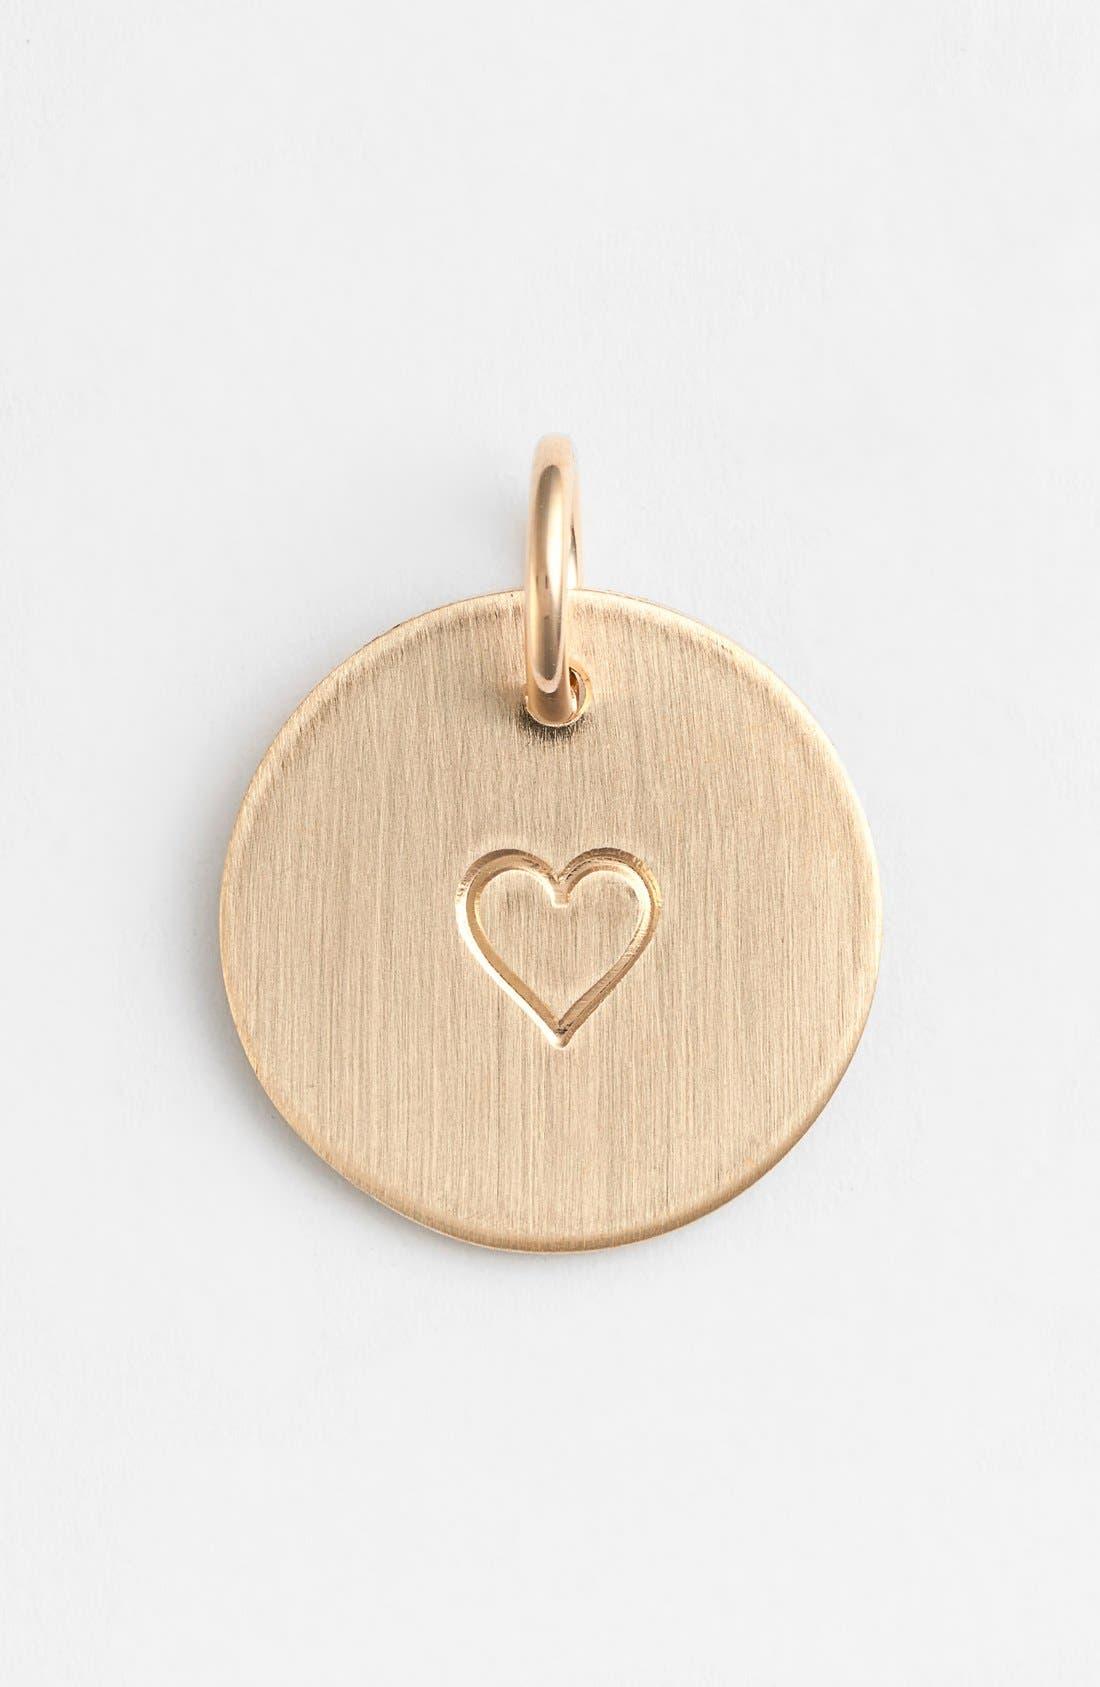 Nashelle Heart Stamp Charm